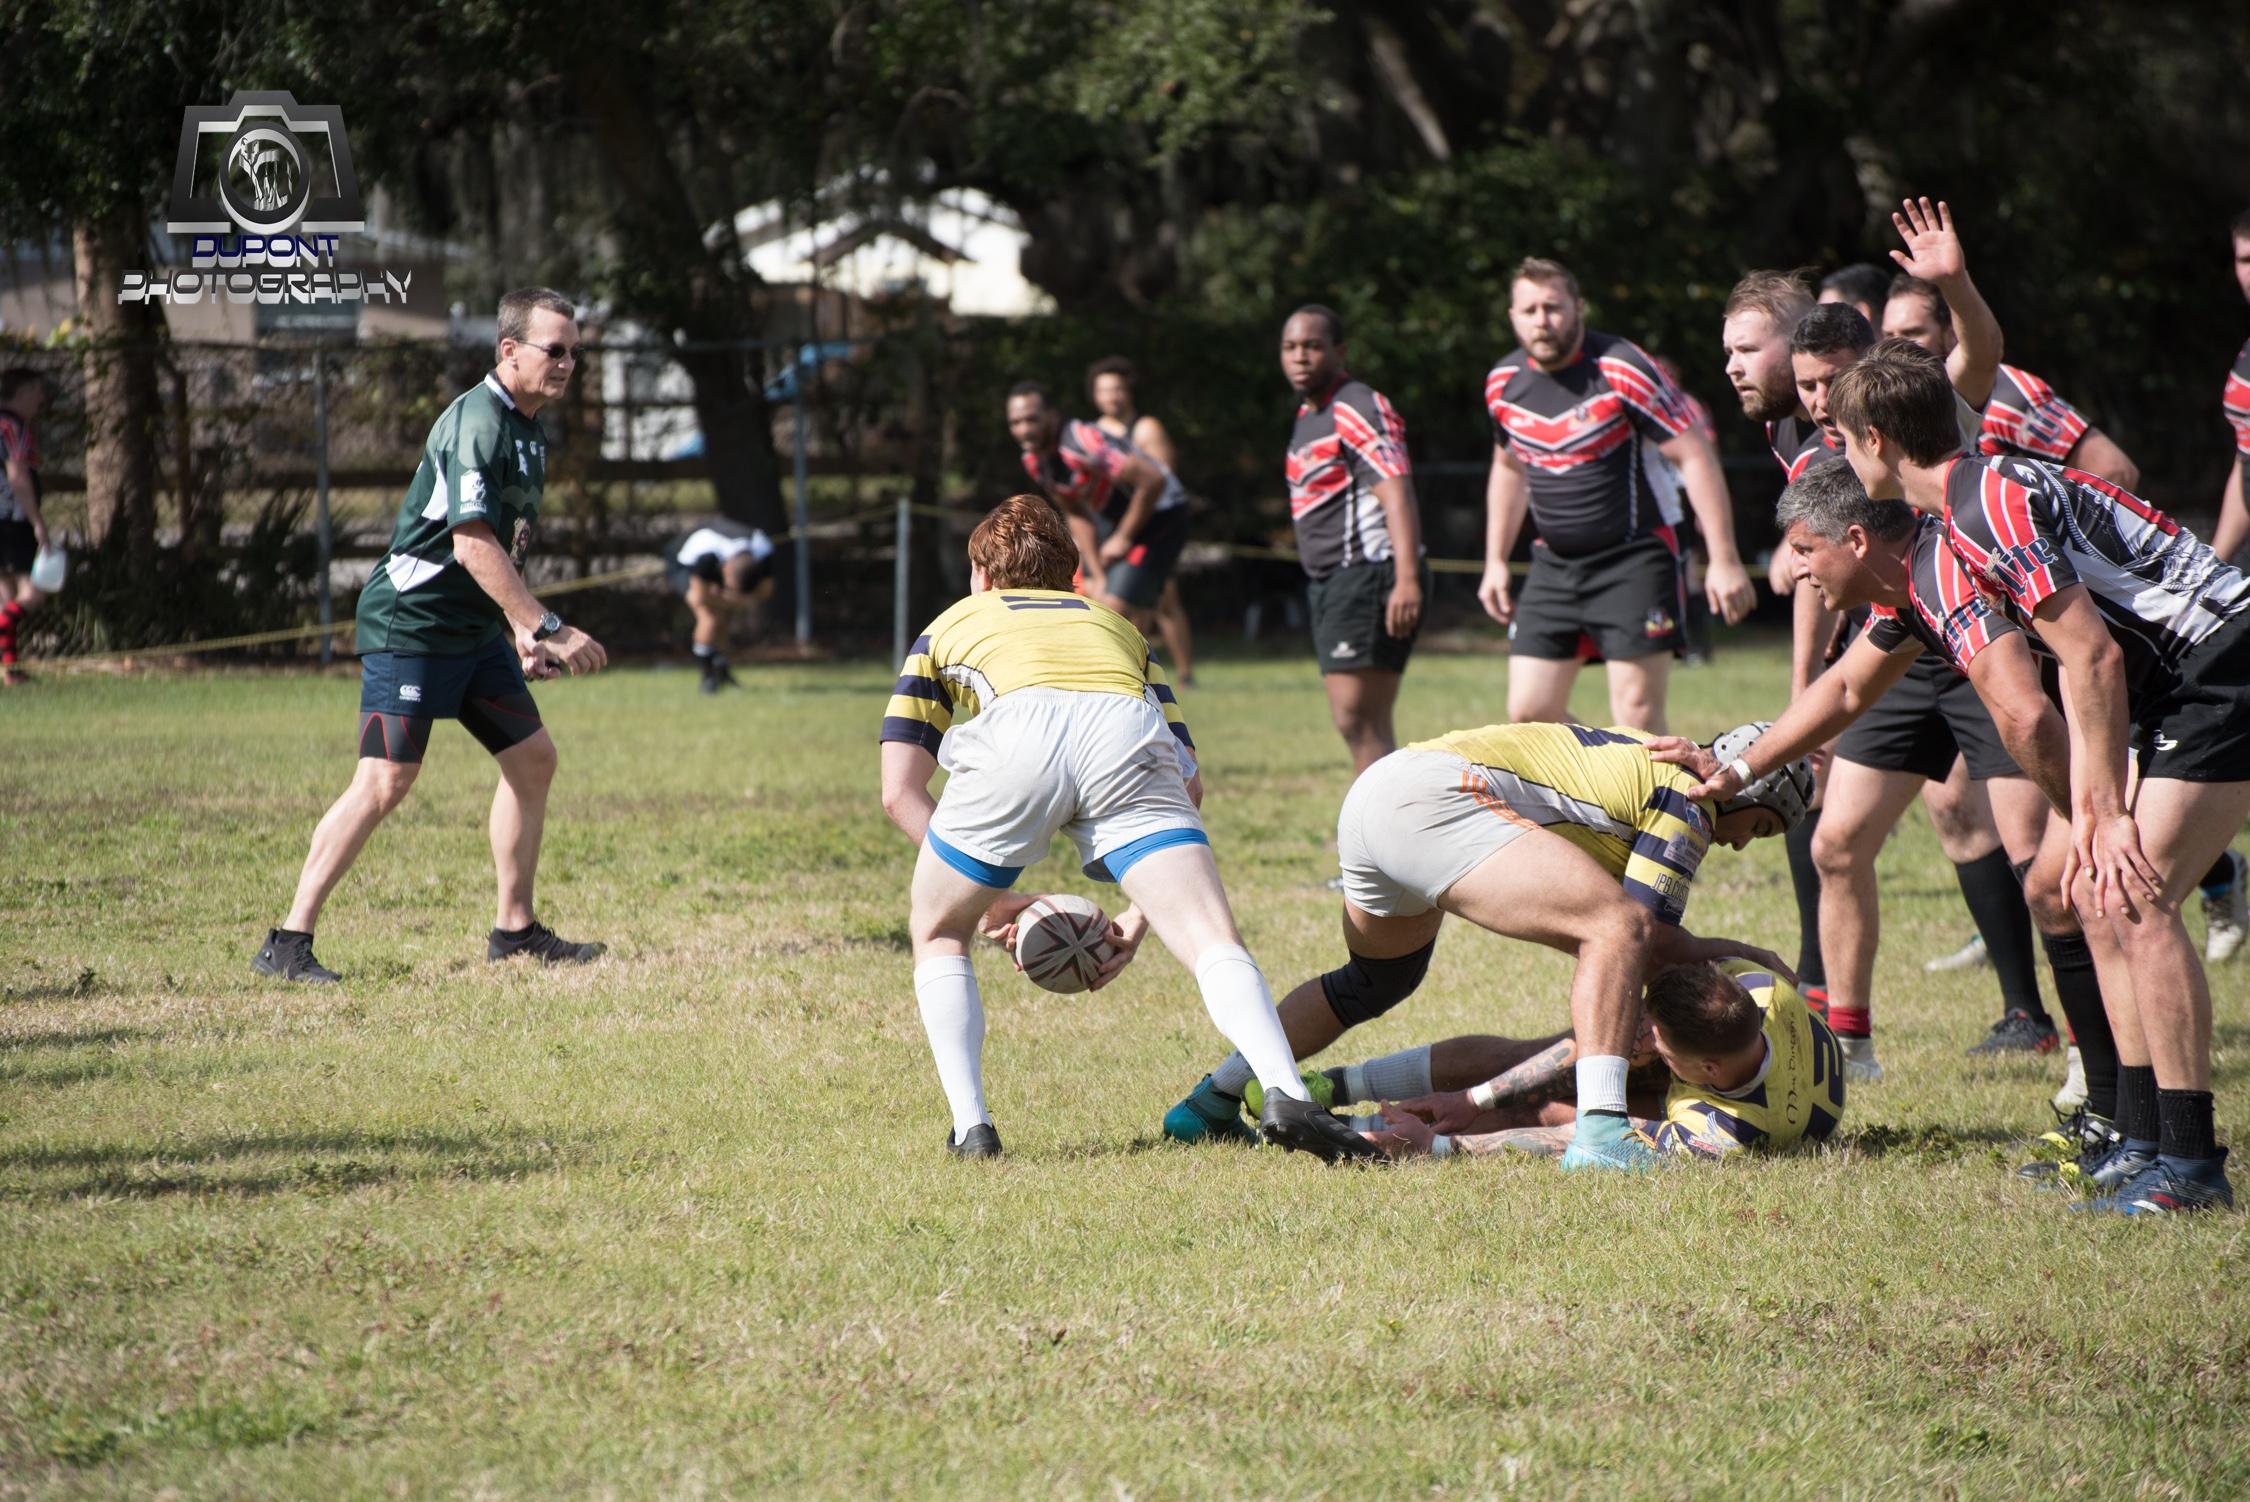 2019-01-19 Rugby-286-1.jpg